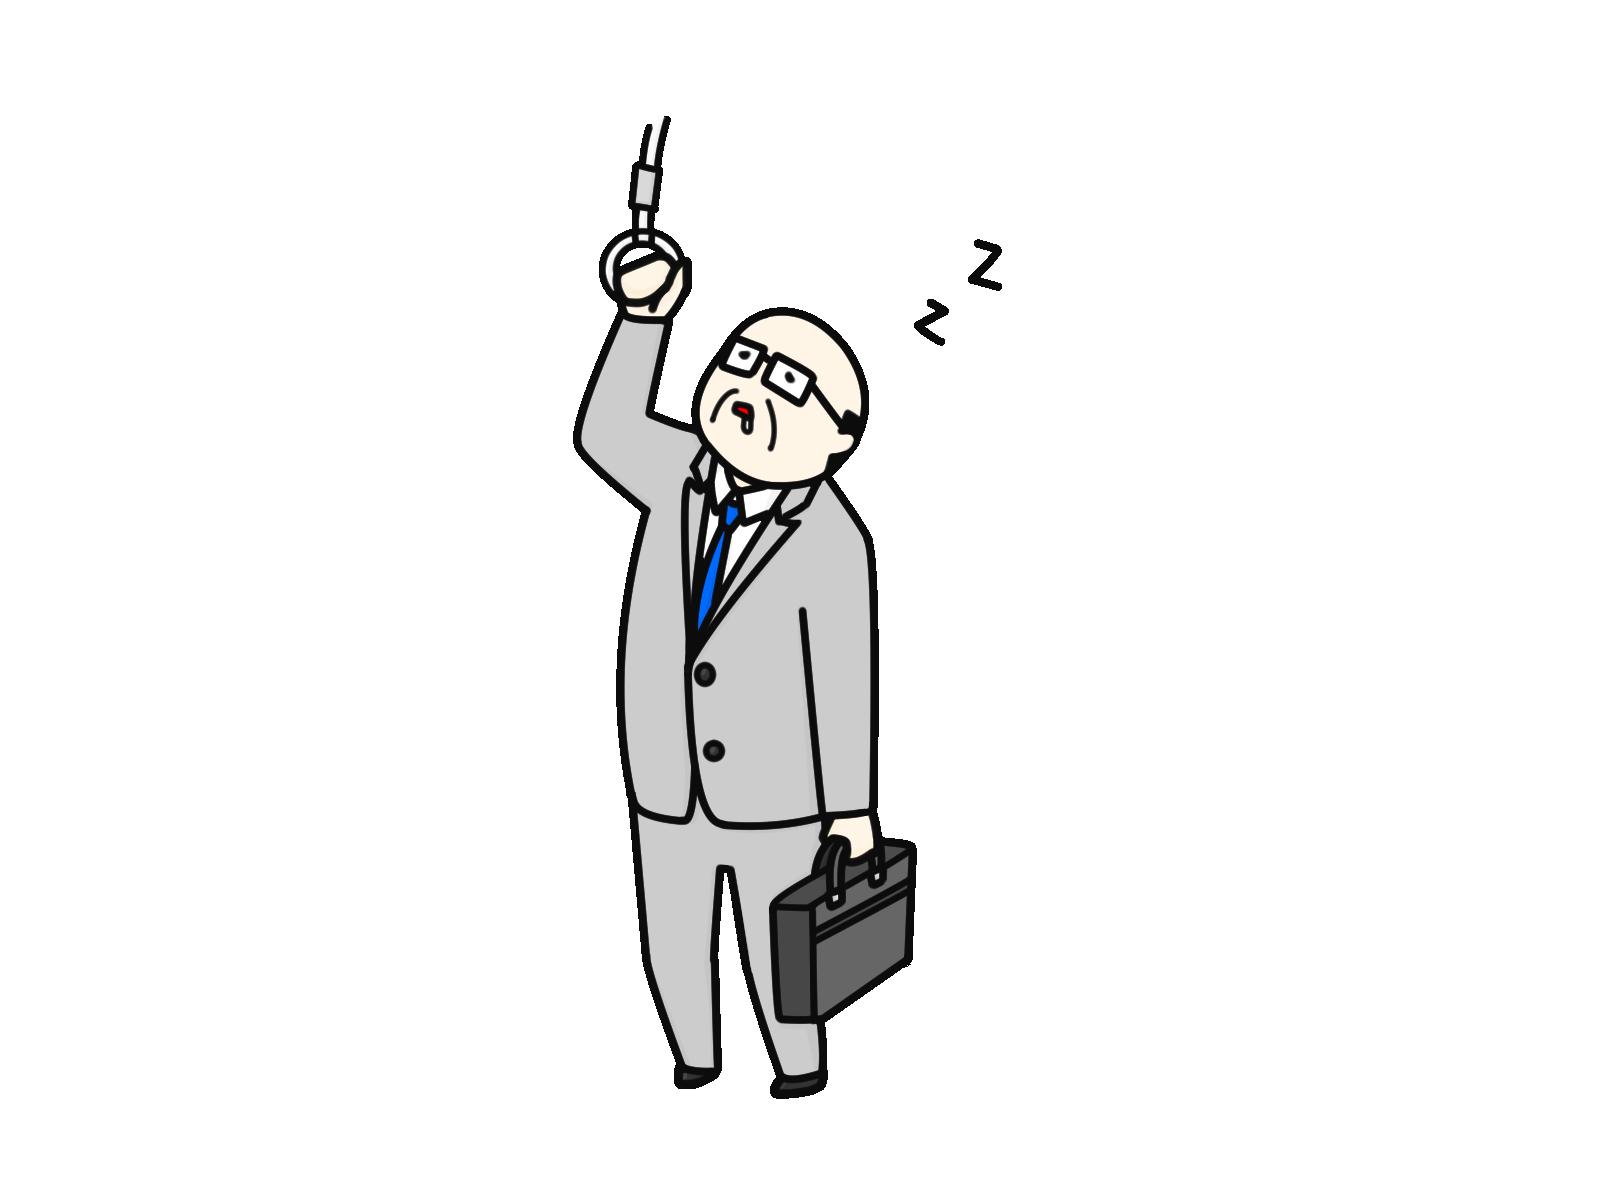 オノマトペ 「うとうと」のイラスト